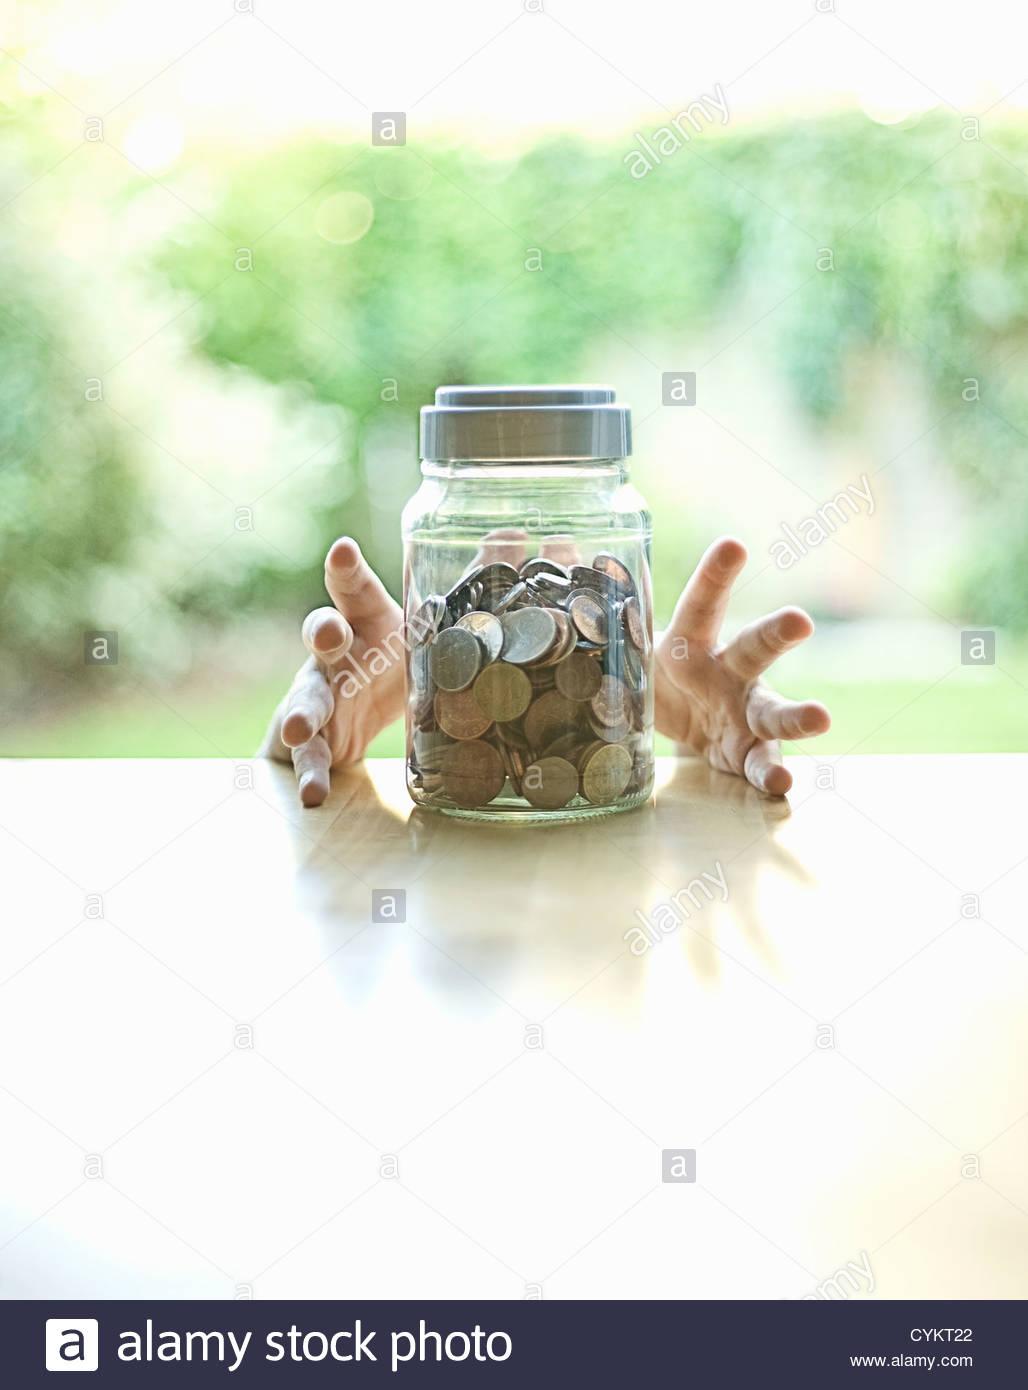 Hände greifen Jar des Wandels Stockbild